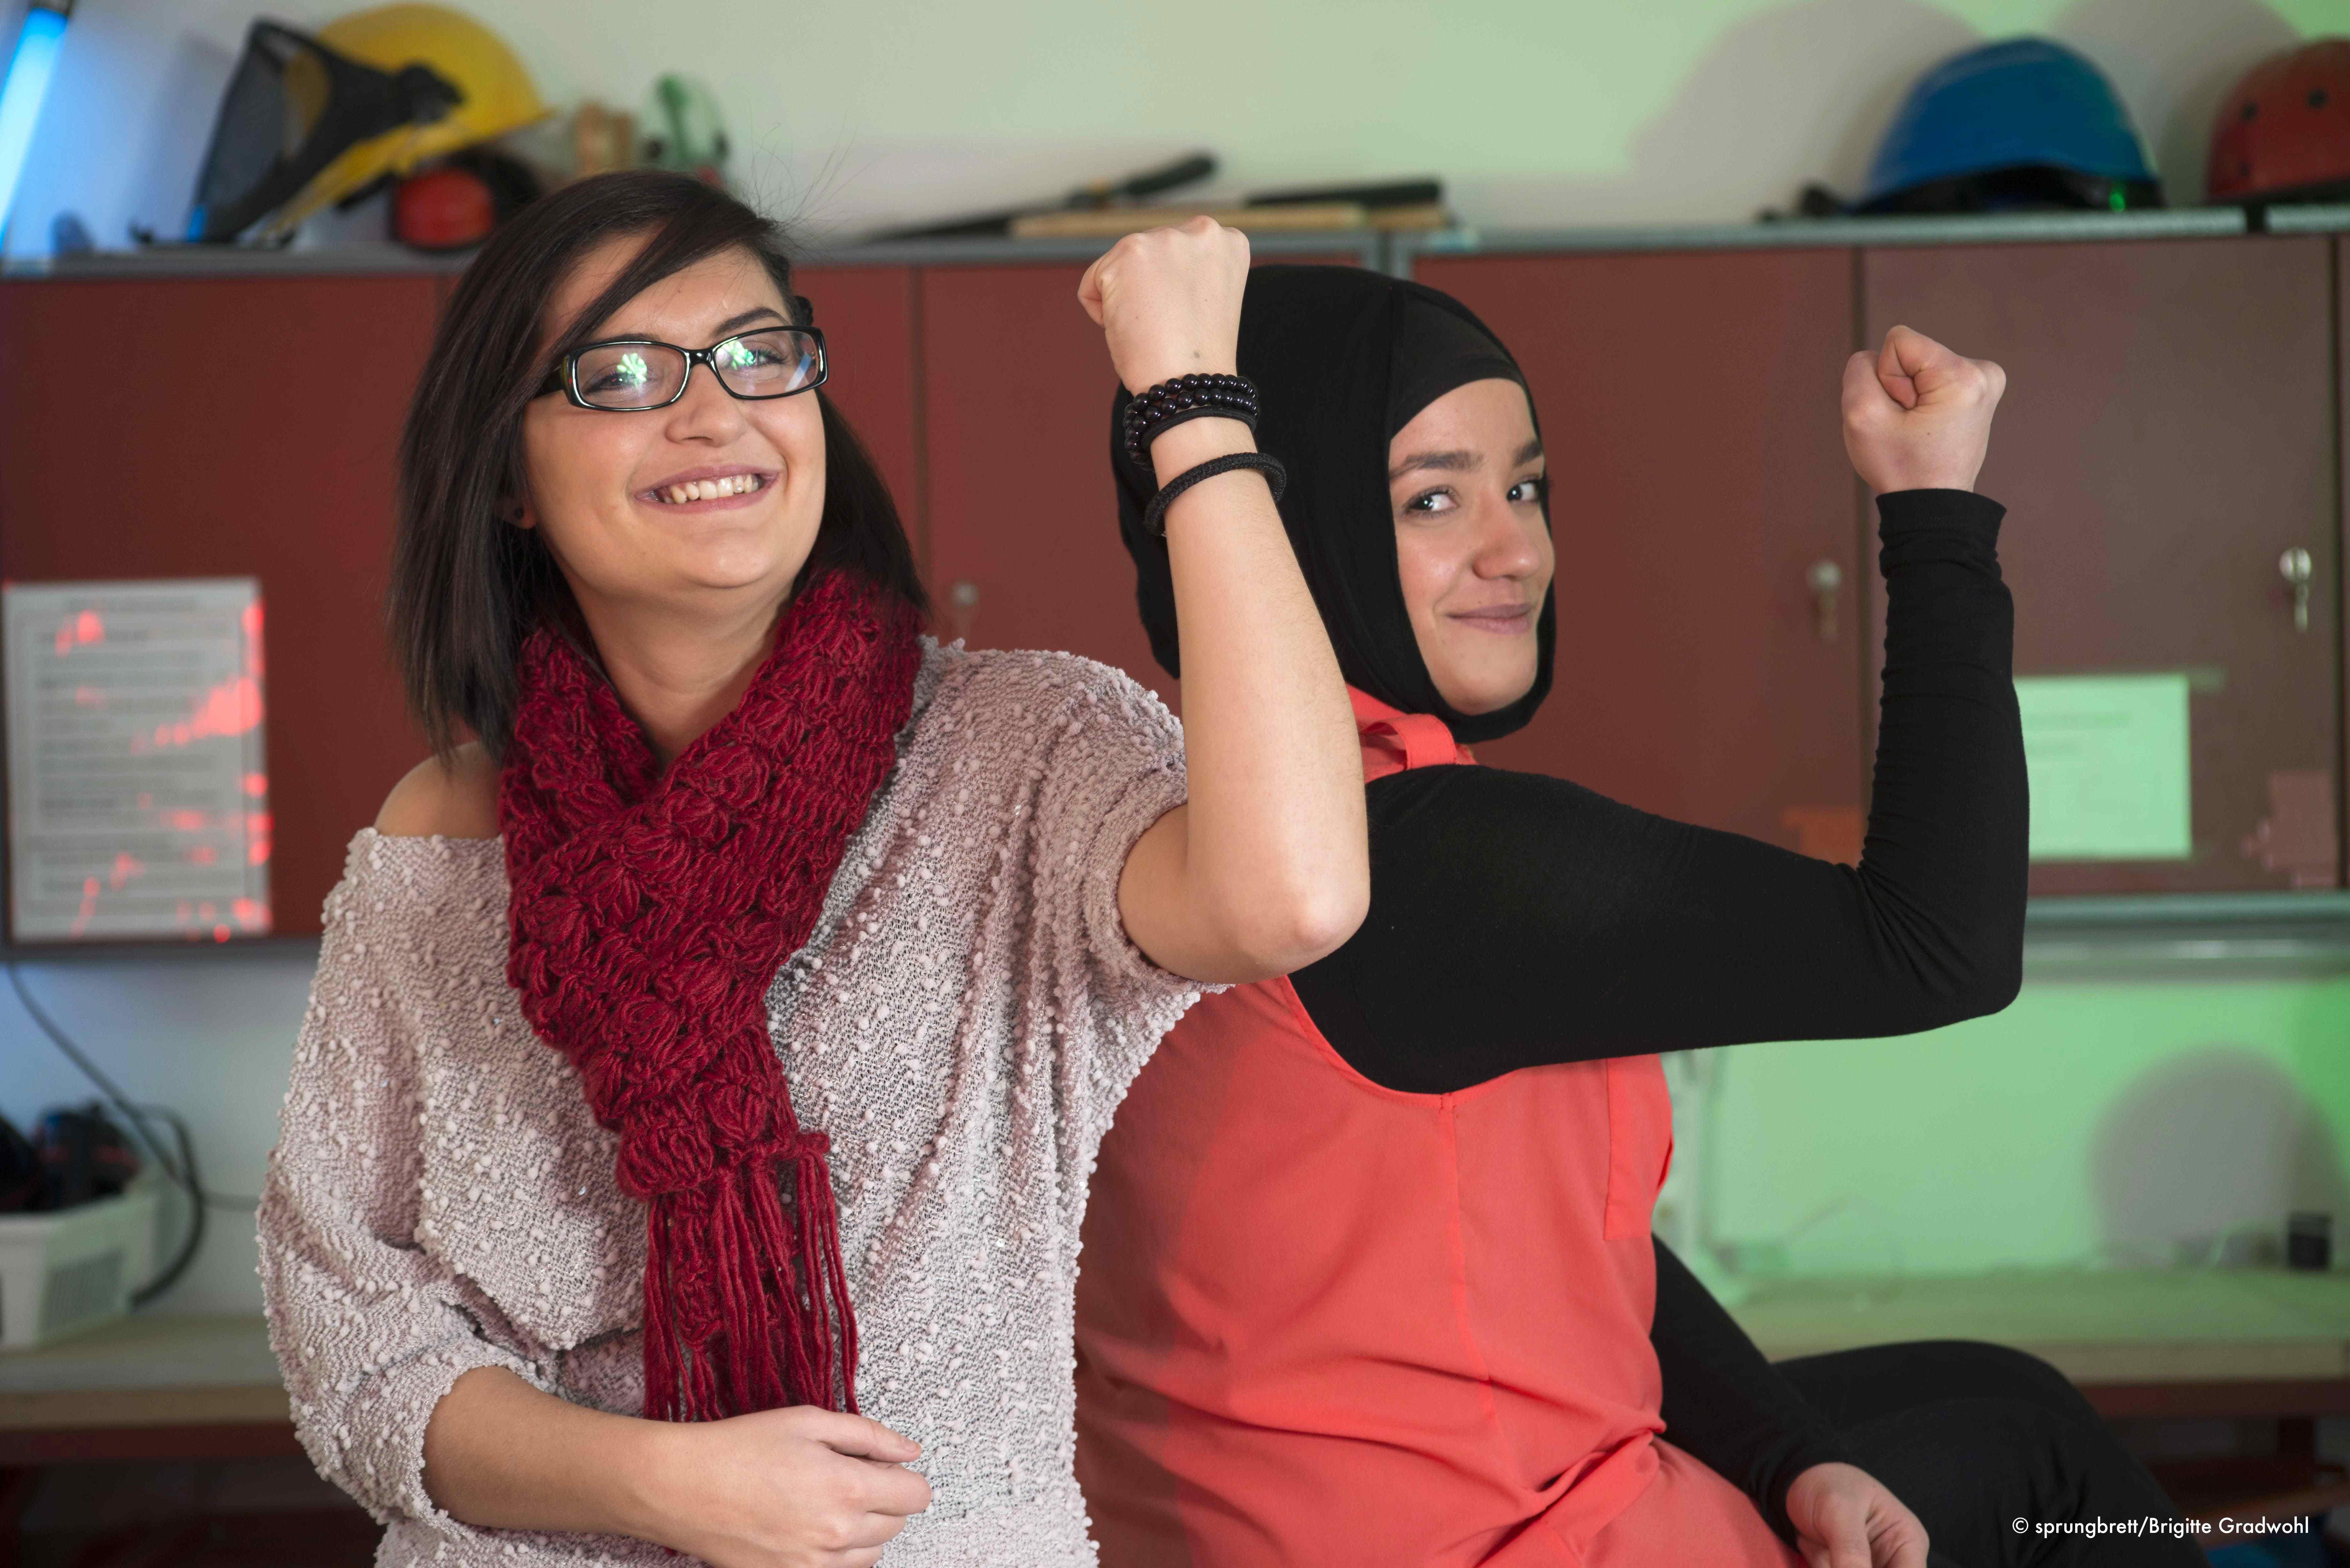 Dieses Foto zeigt 2 starke Mädchen in der sprungbrett Werkstatt - volle Mädchen-Power!